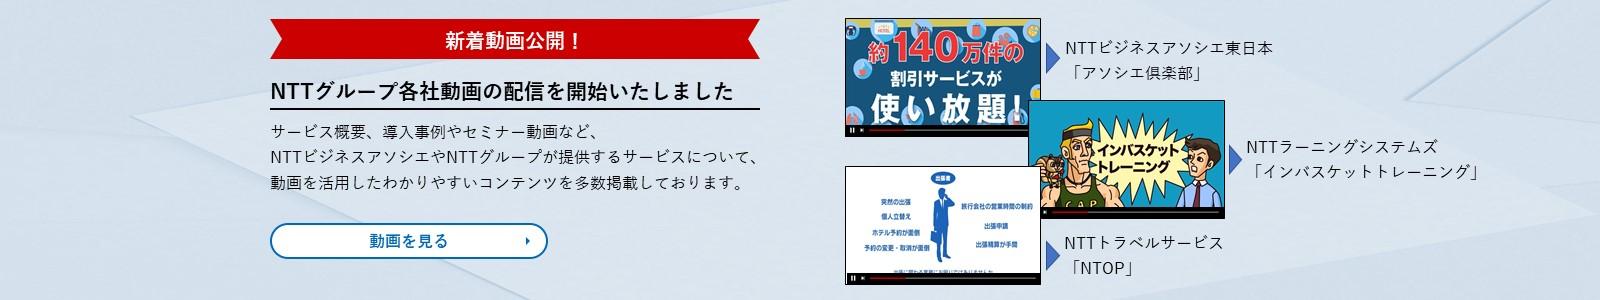 サービス概要、導入事例やセミナー動画など NTTビジネスアソシエ、NTTグループが提供するサービスについて、 動画を活用したわかりやすいコンテンツを多数掲載しております。詳しく見る